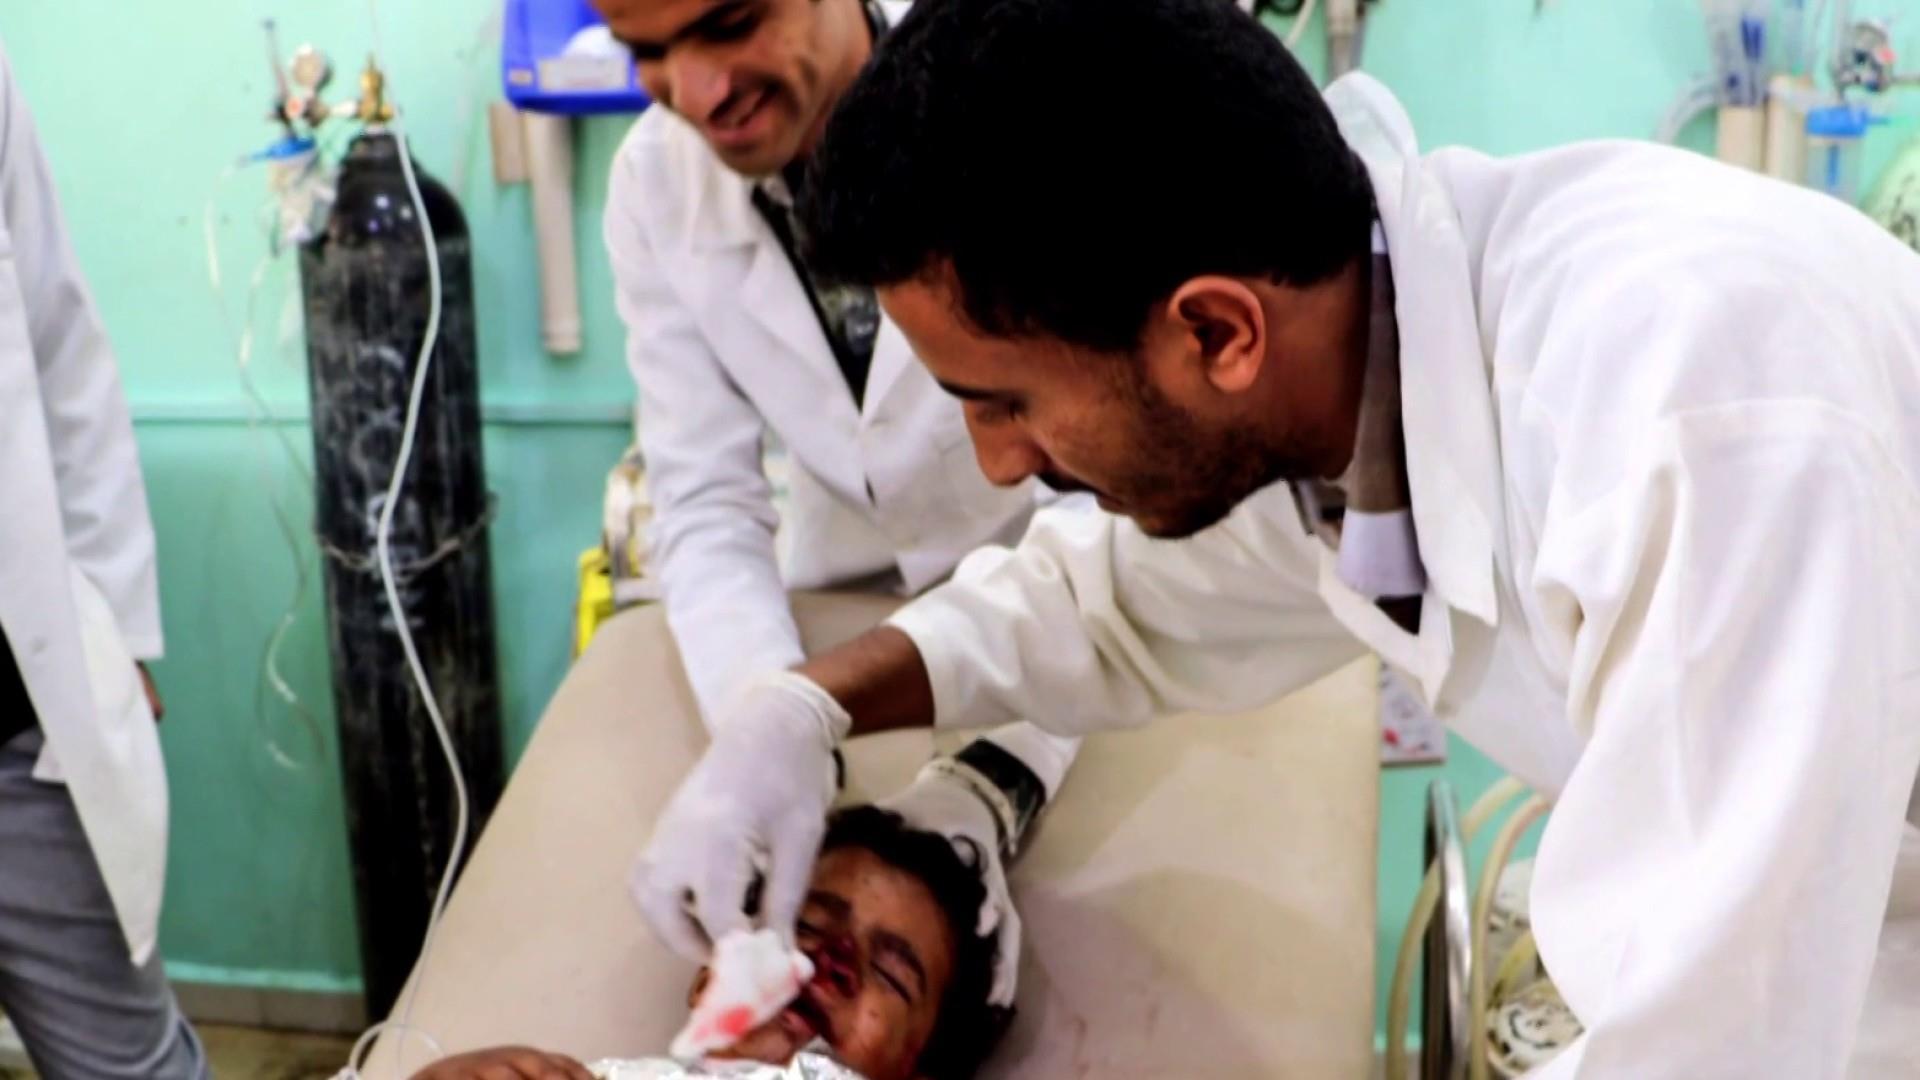 Dozens of children killed in school bus bombing in Yemen